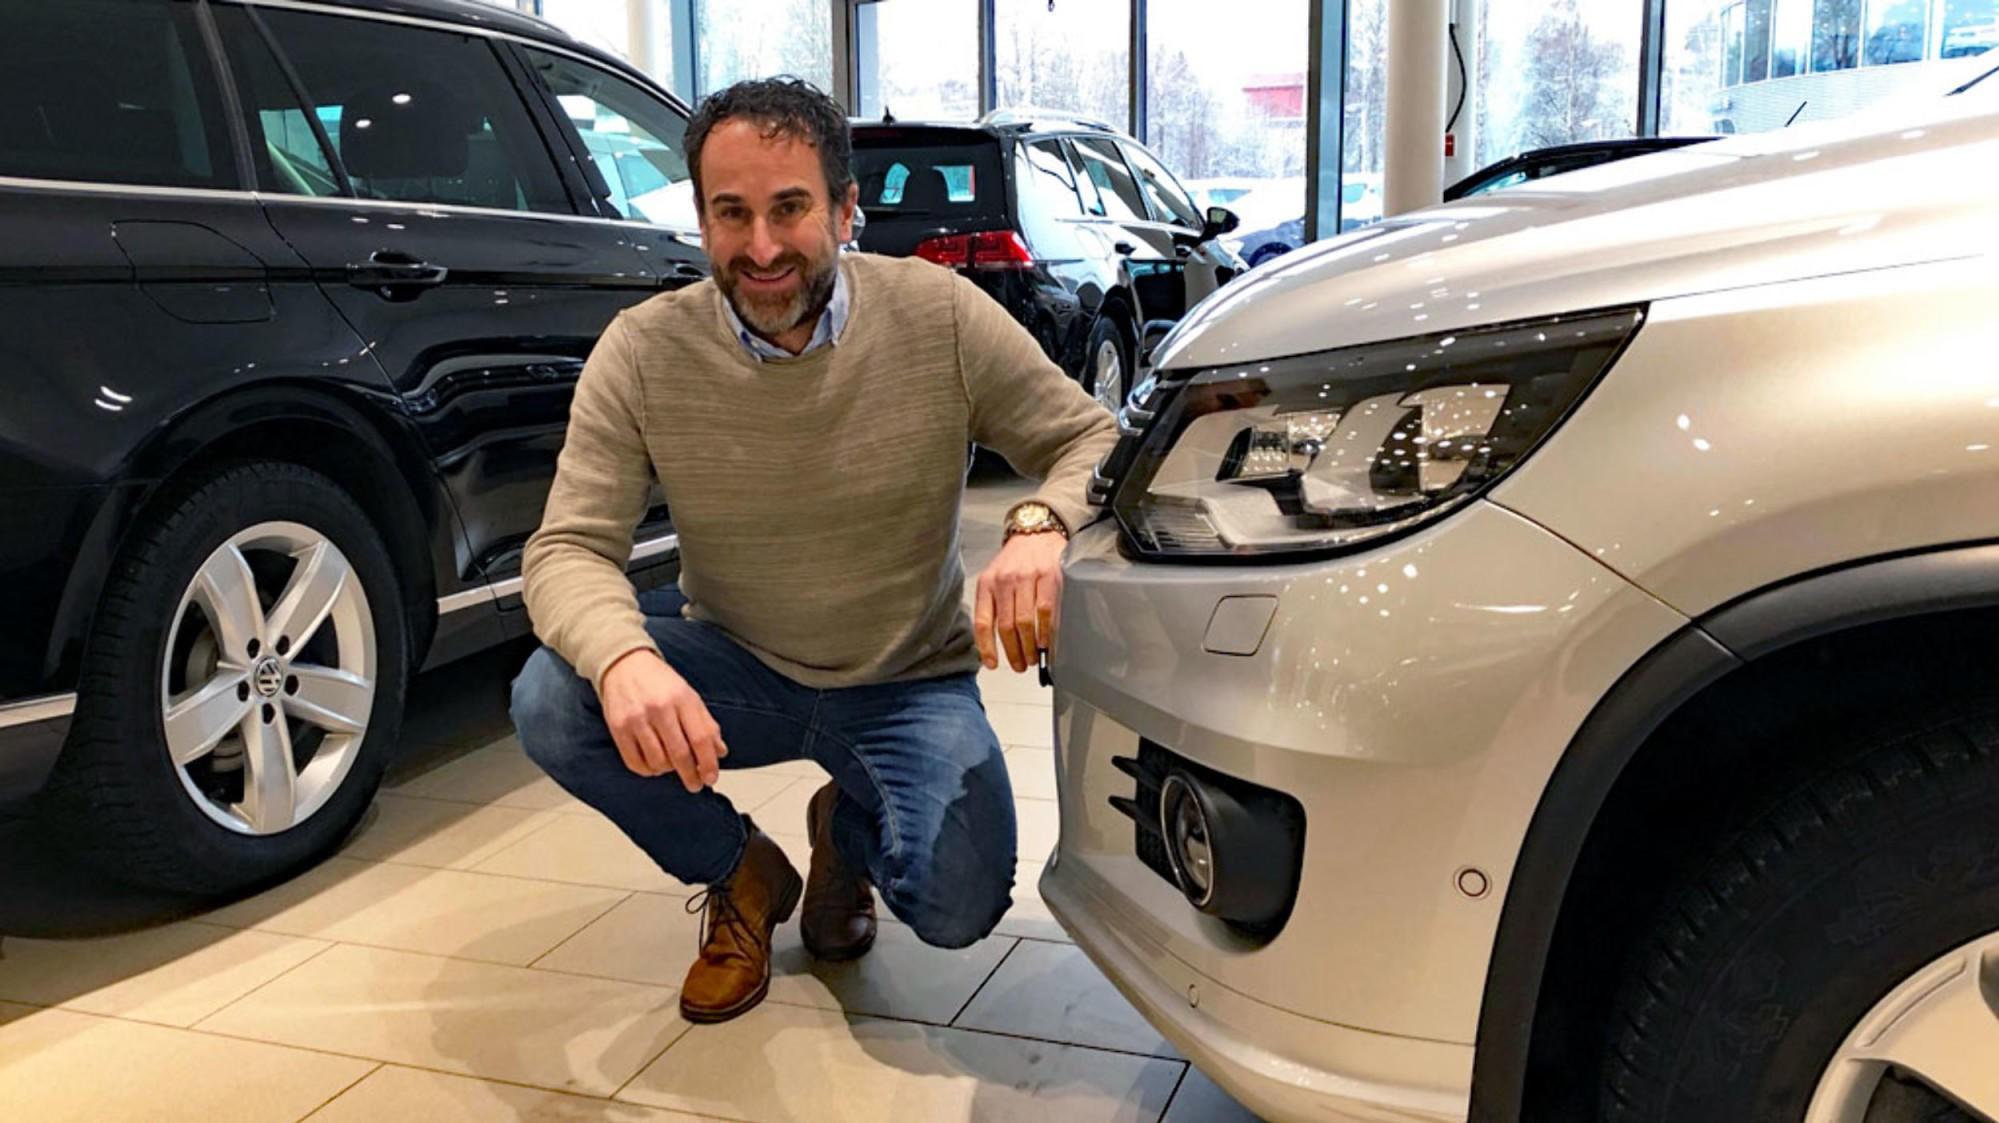 SKEPTISK TIL VINGLETE BILPOLITIKK: Bilmegler Morten Altmann kan mer om bruktbil enn de fleste. Han er skeptisk til myndighetenes vinglete bilpolitikk.